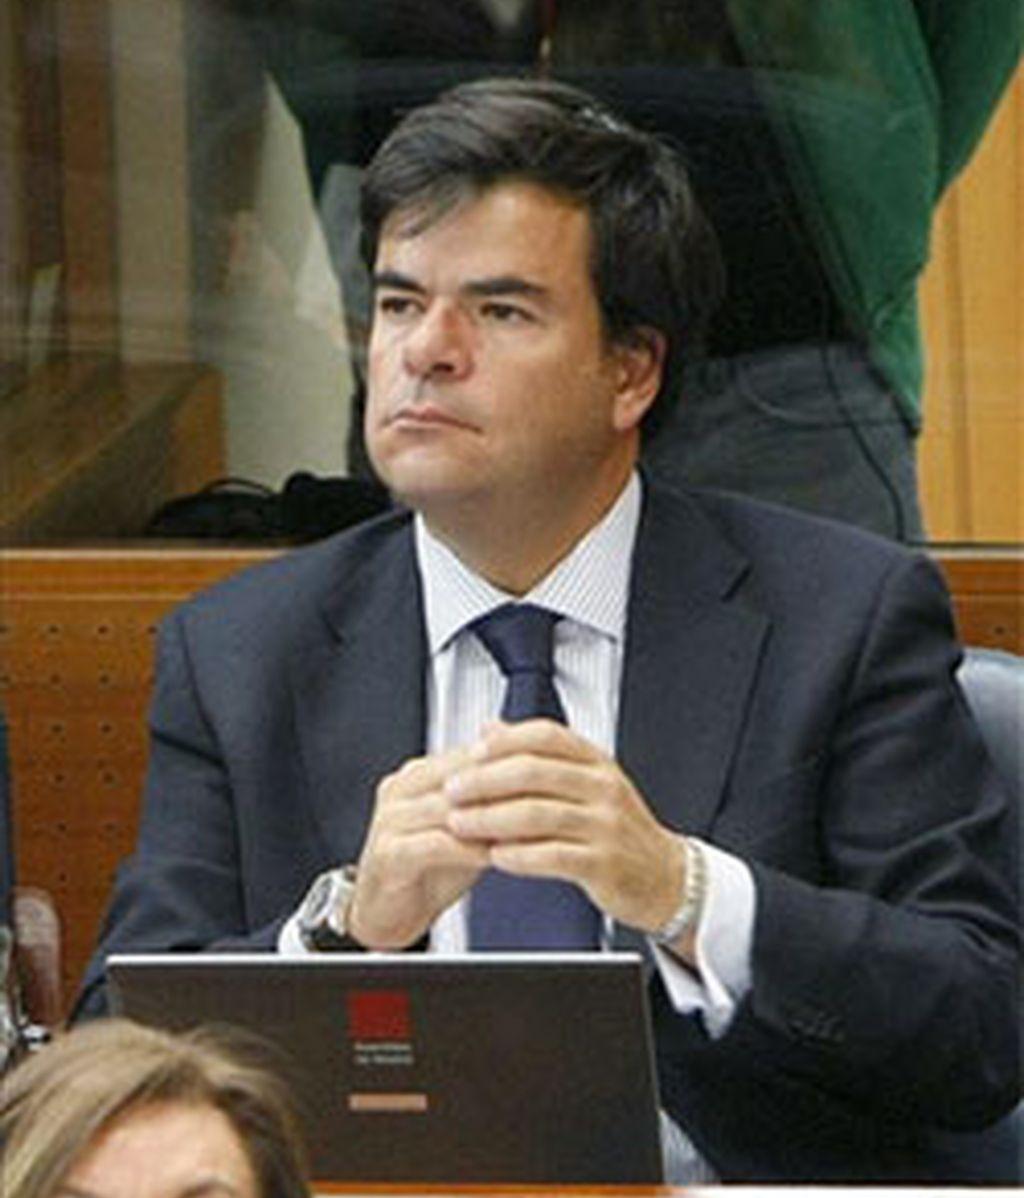 Son el parlamentario del PP en Madrid, Alfonso Bosch, y el ex viceconsejero de Inmigración Clemente Aguado. Vídeo: Informativos Telecinco